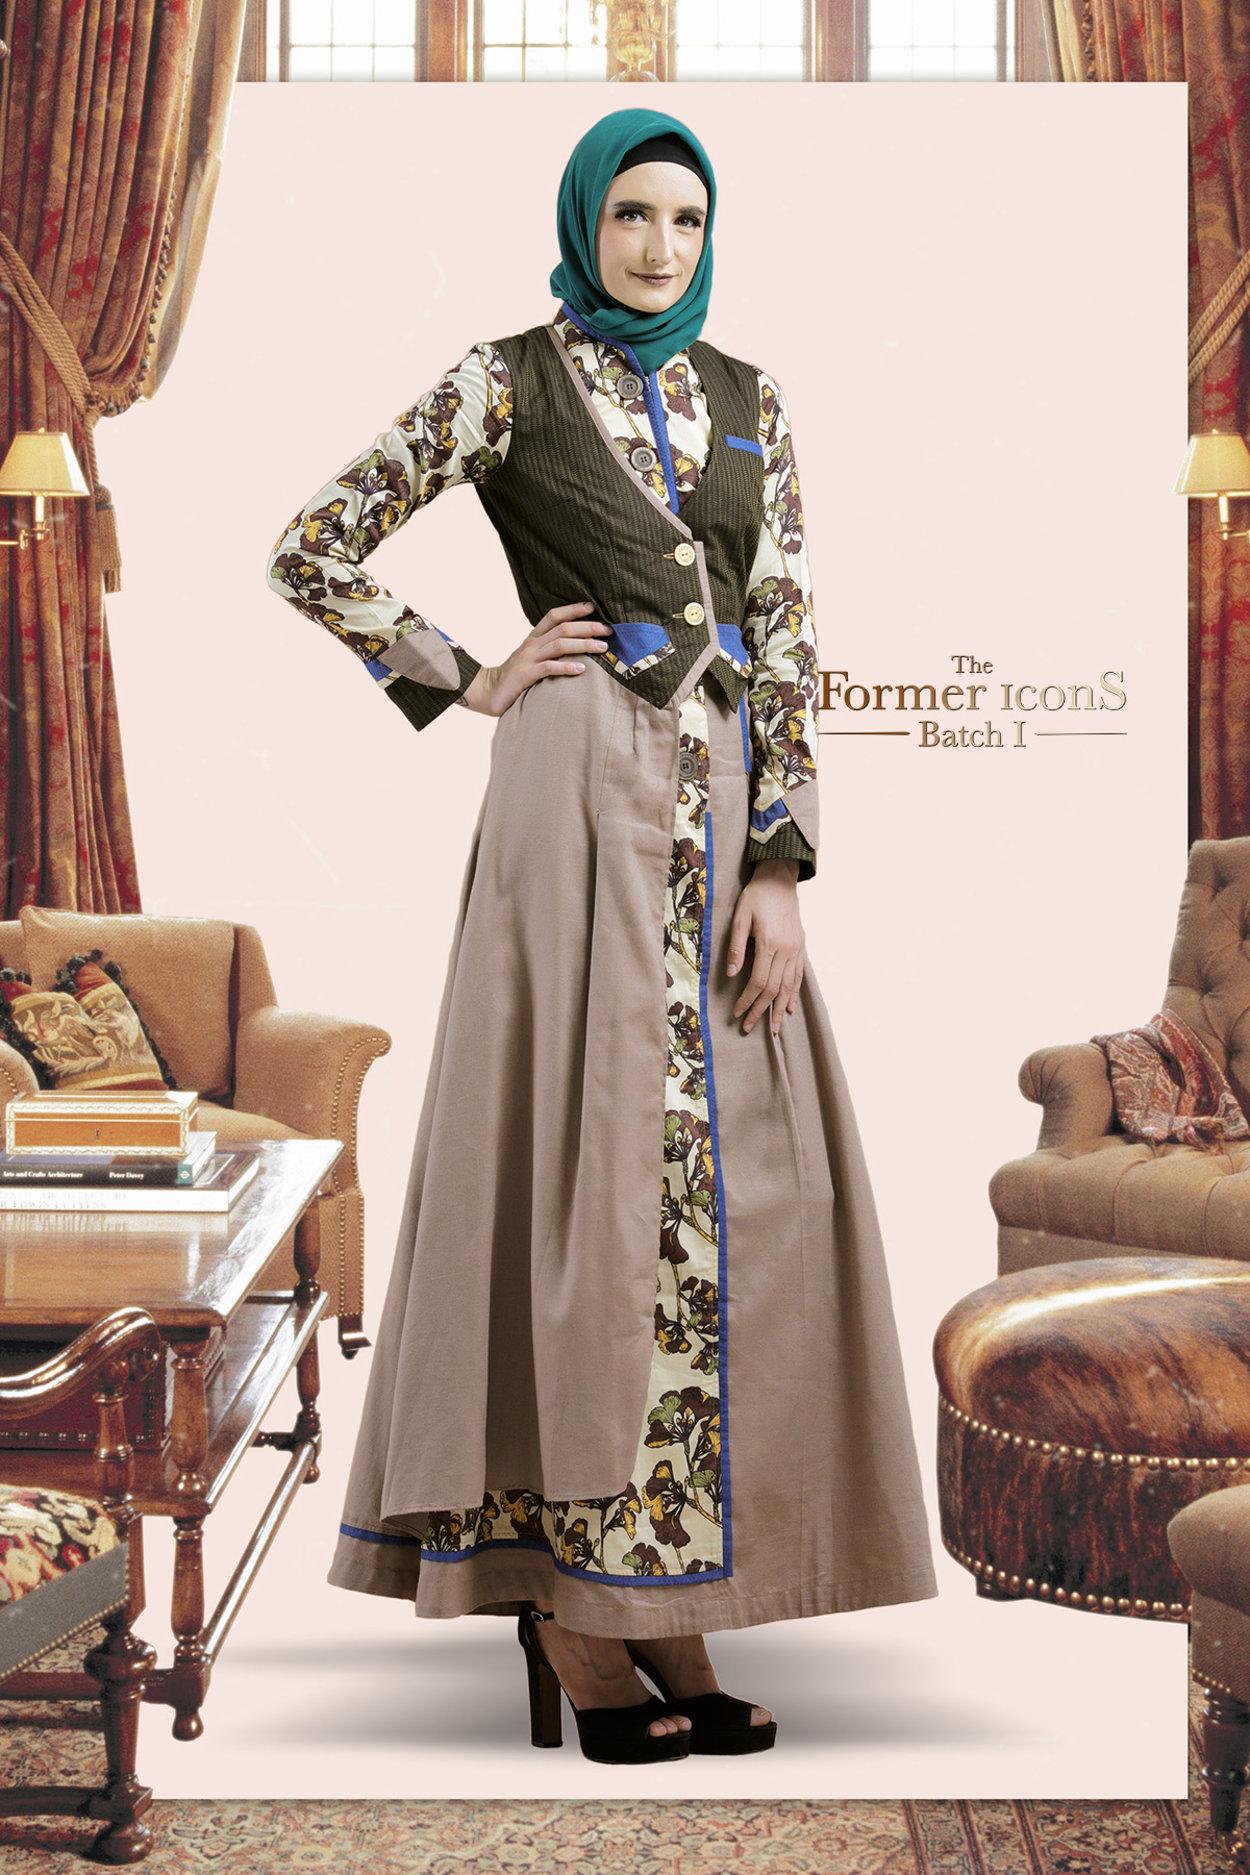 A Precious Topaz Te 0119016 Gamis Long Dress The Former Icons Batch I Tuneeca